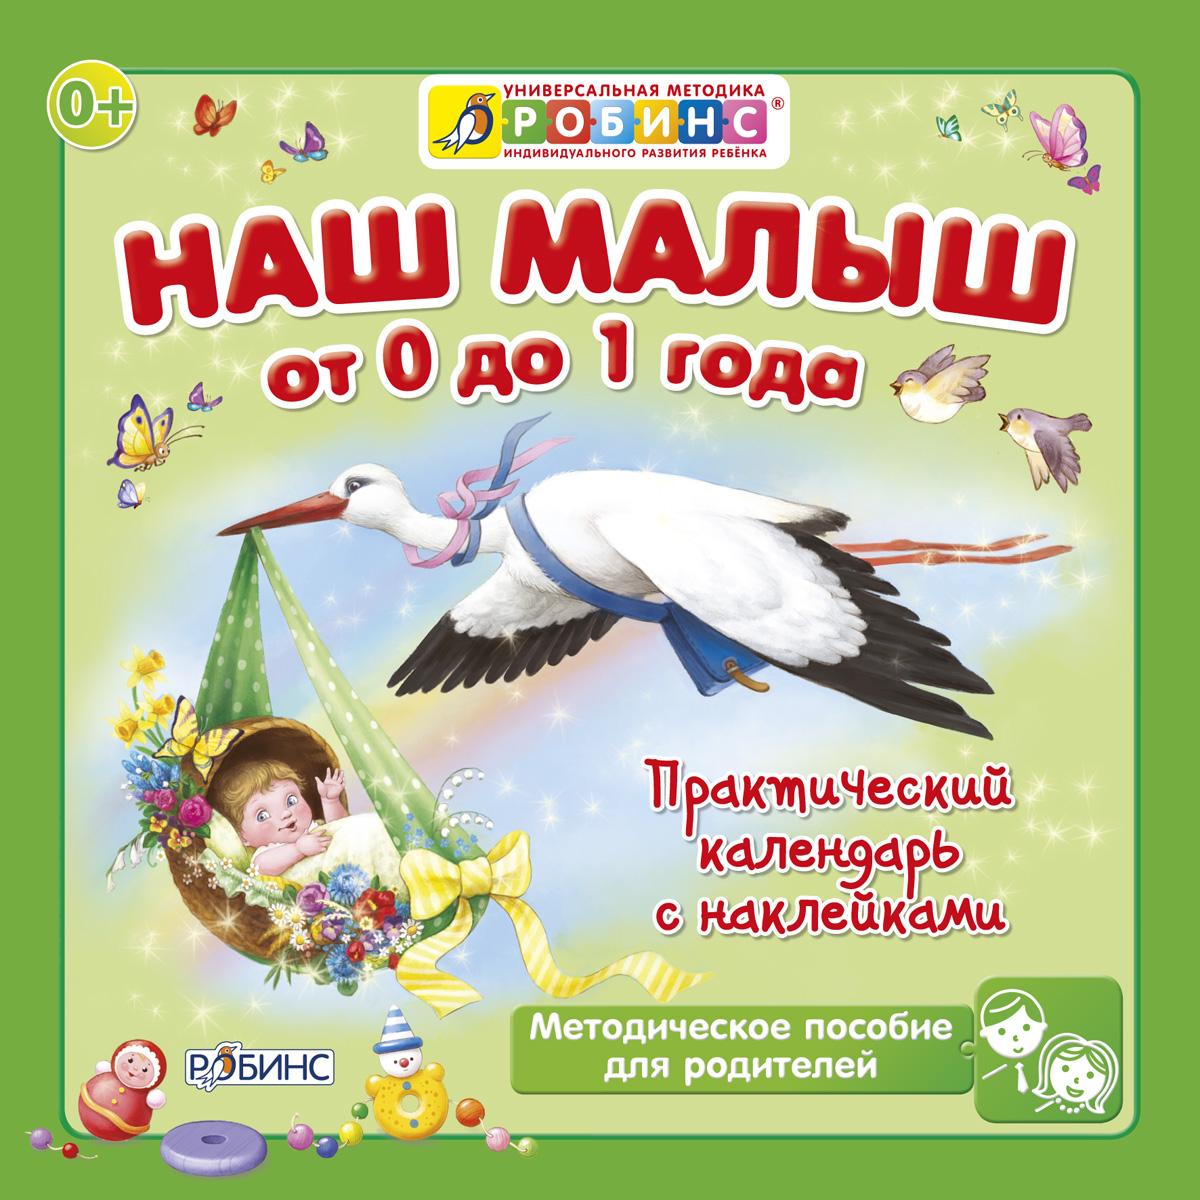 Календарь с наклейками - Наш малыш от 0 до 1 годаЧтение для родителей<br>Календарь с наклейками - Наш малыш от 0 до 1 года<br>